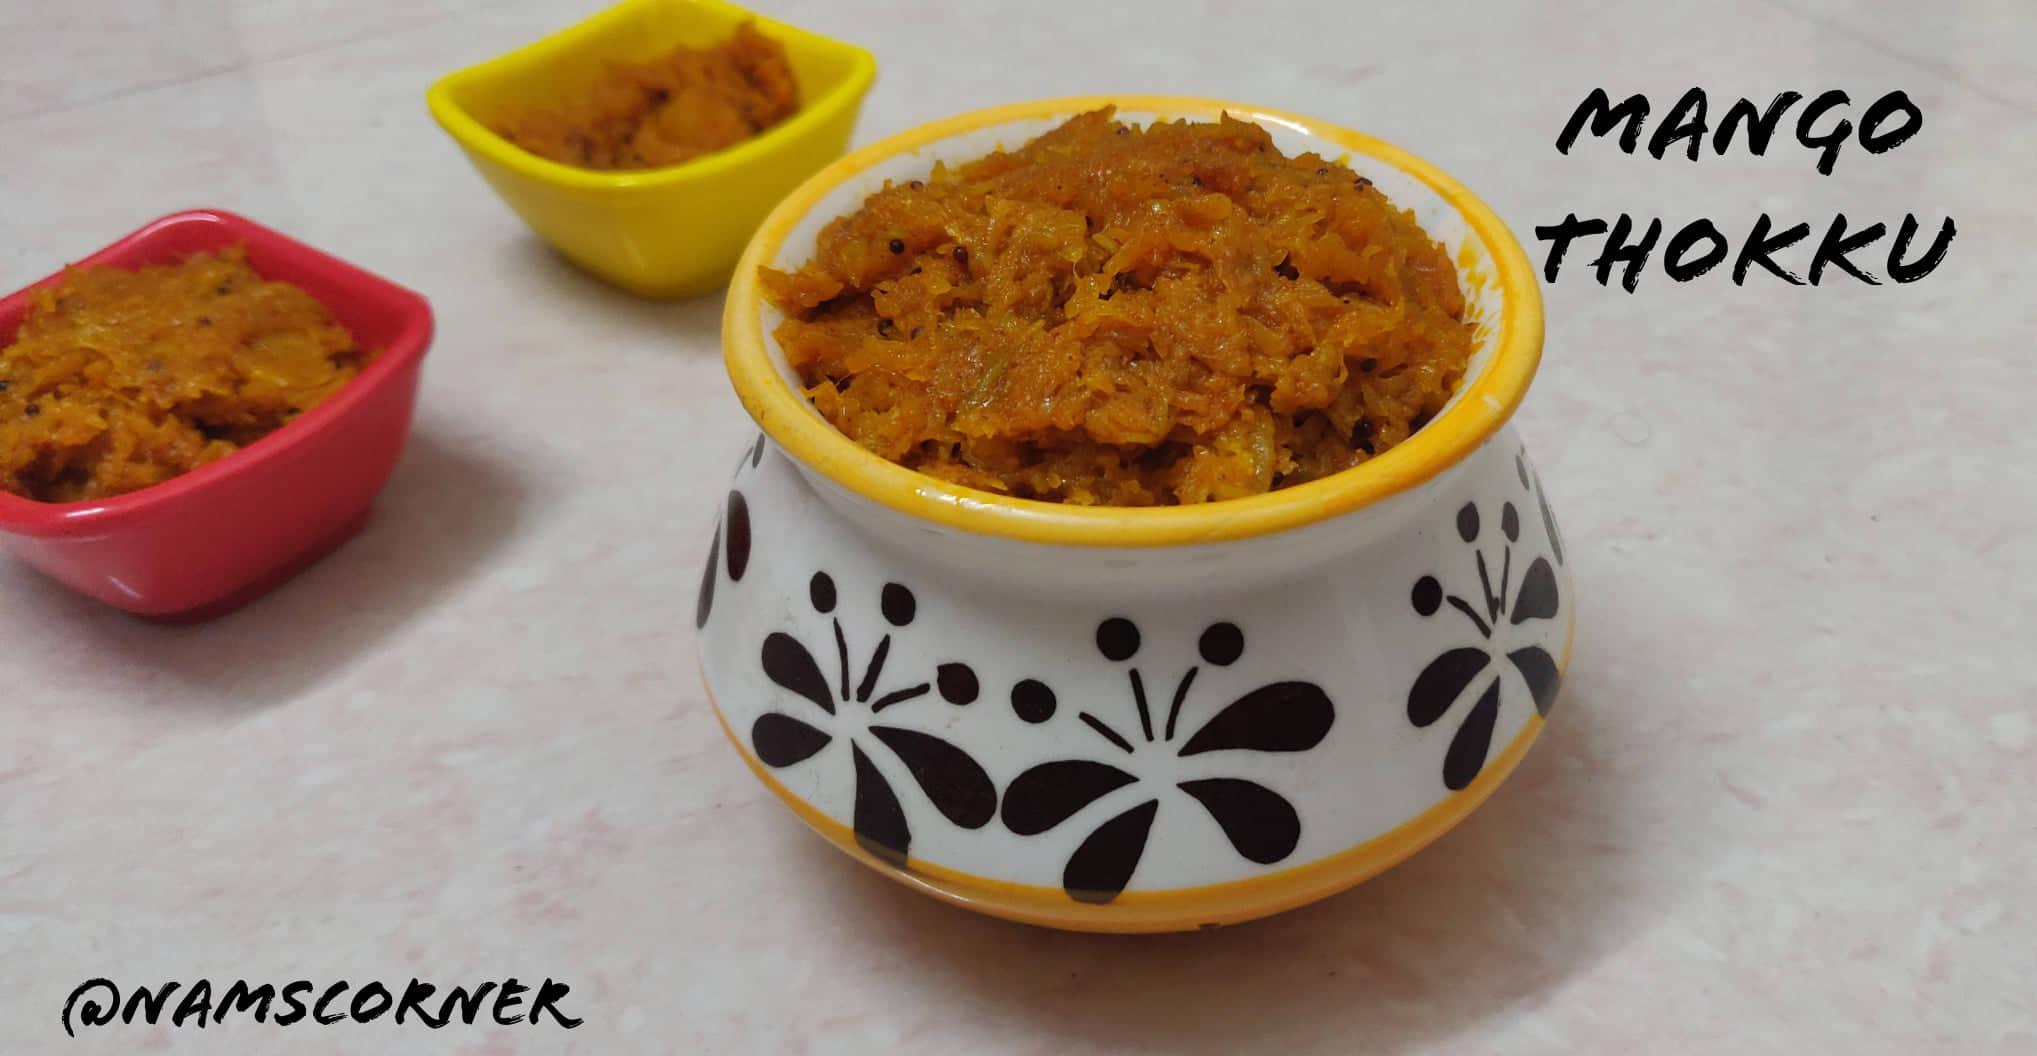 Mango thokku Recipe   Grated Raw Mango pickle   Manga thokku